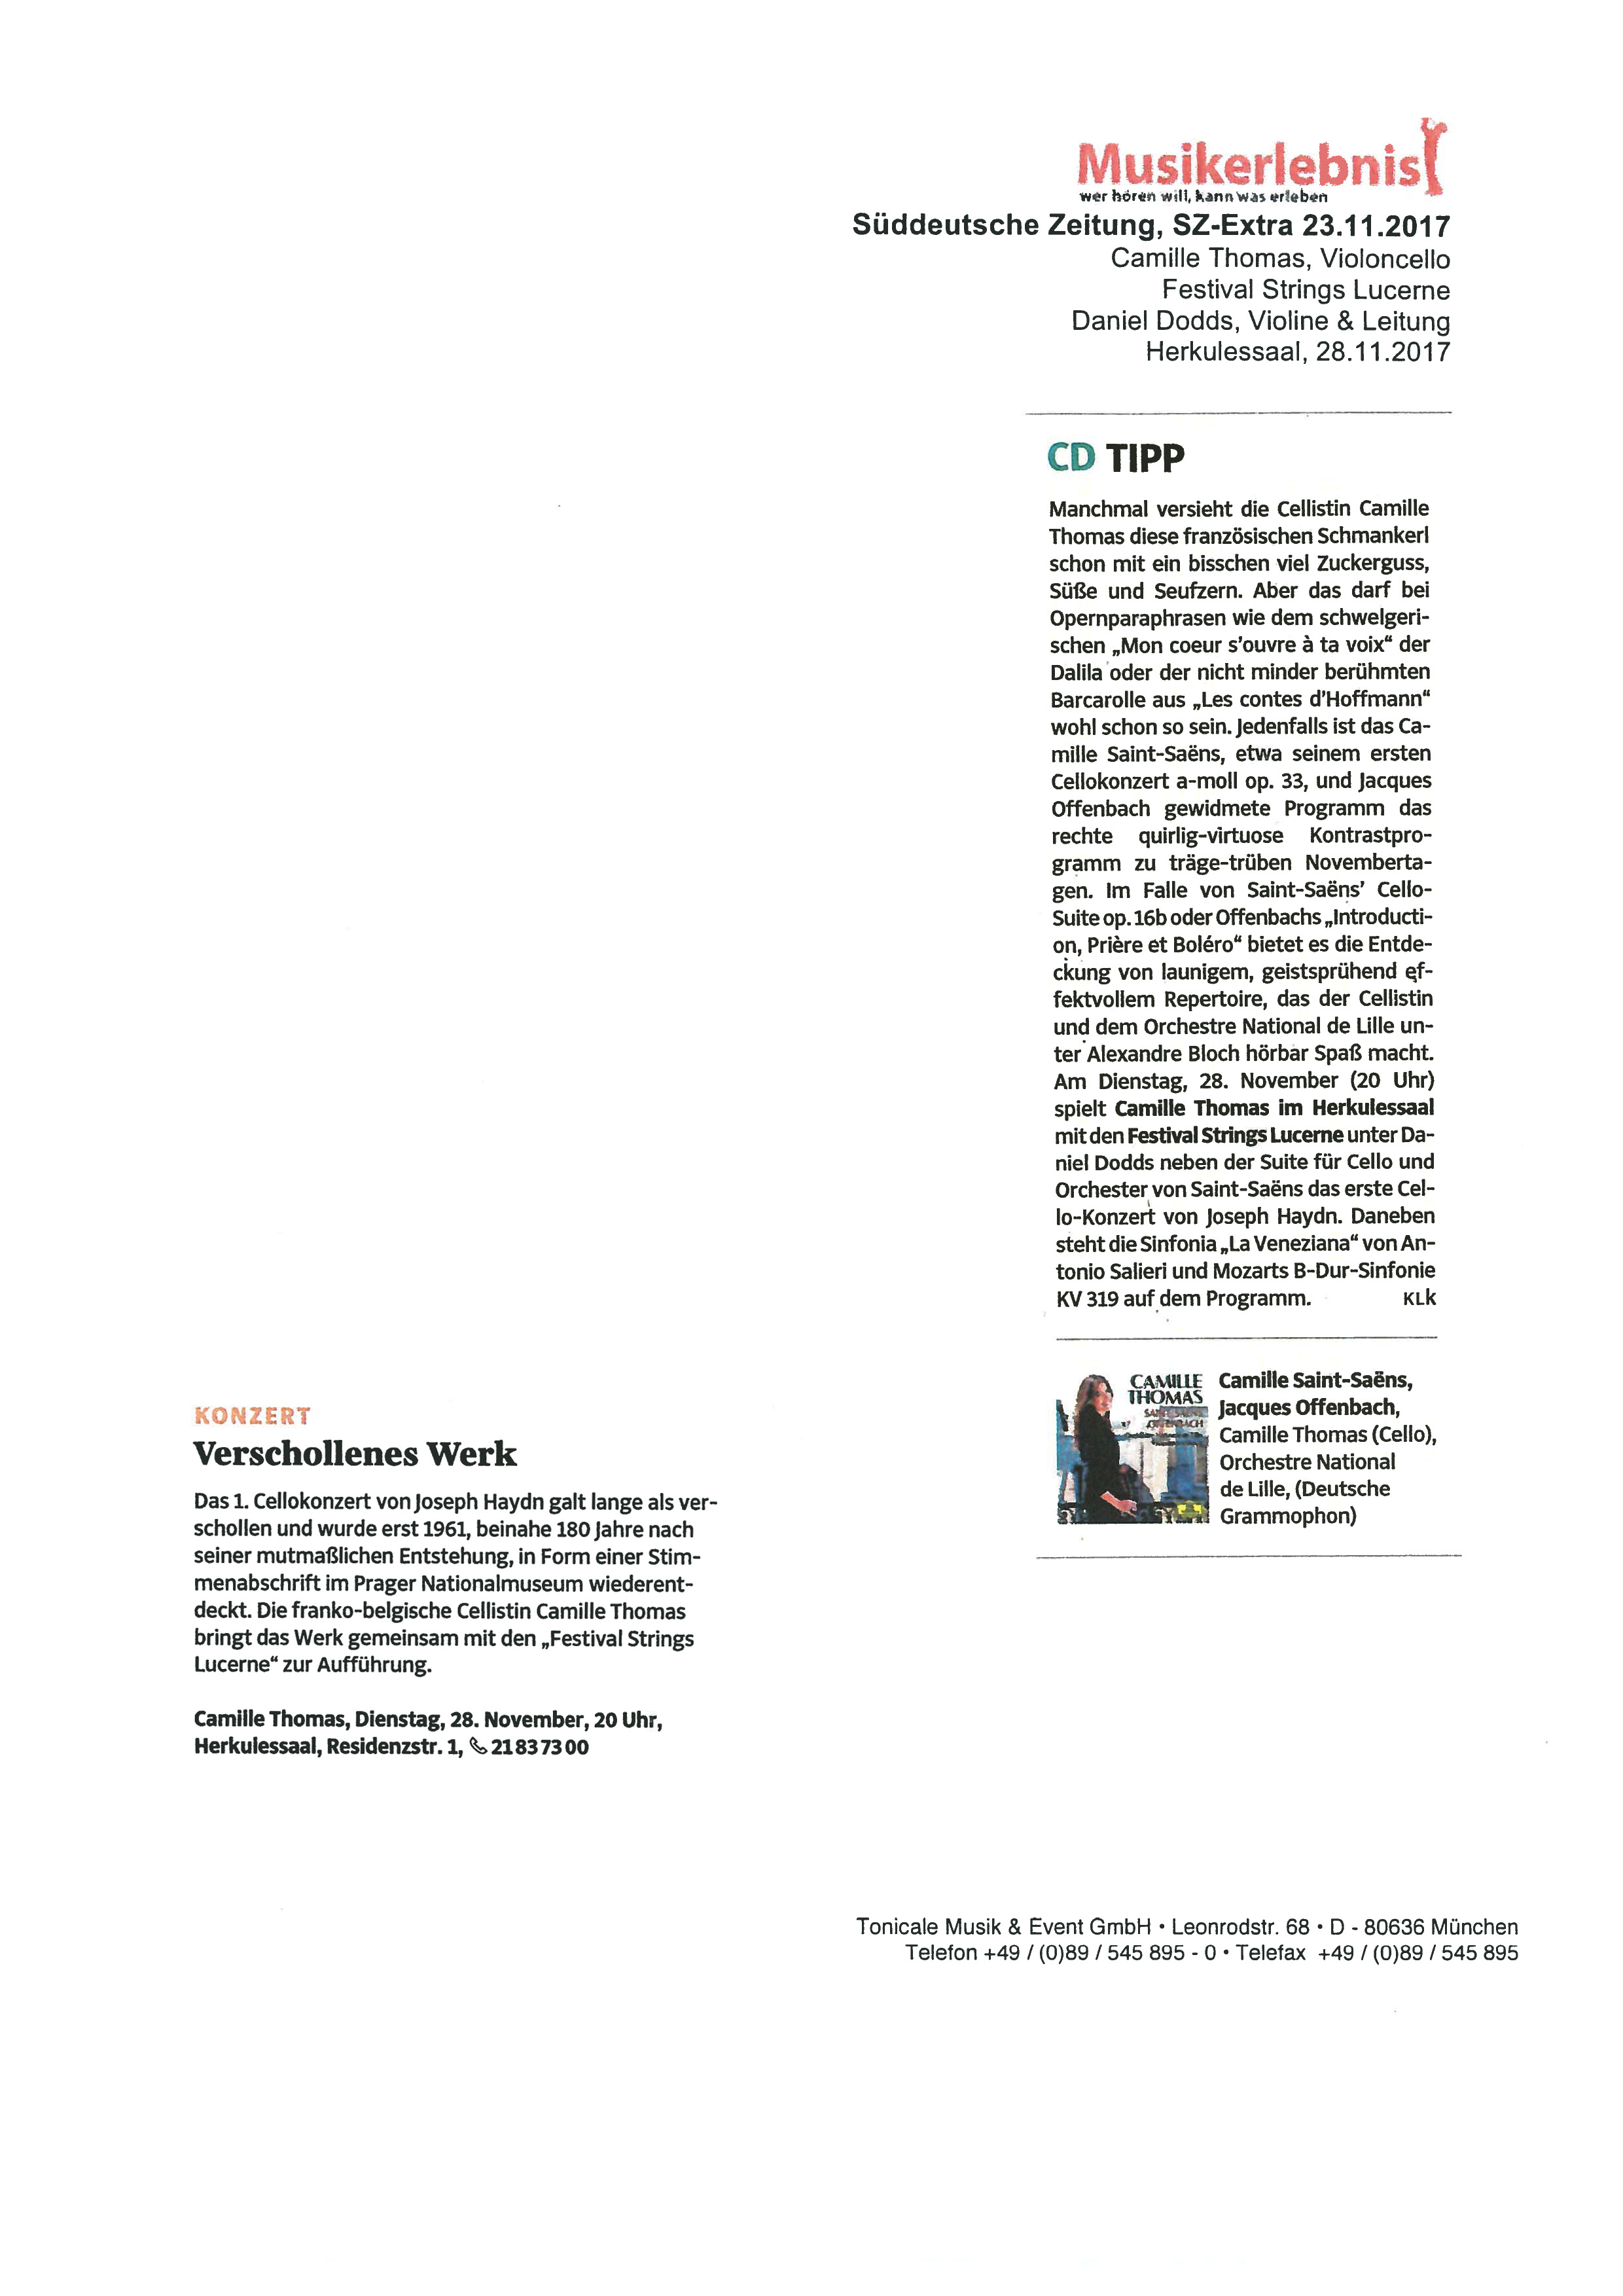 Musikerlebnis - Konzertkarten München: Pressearchiv